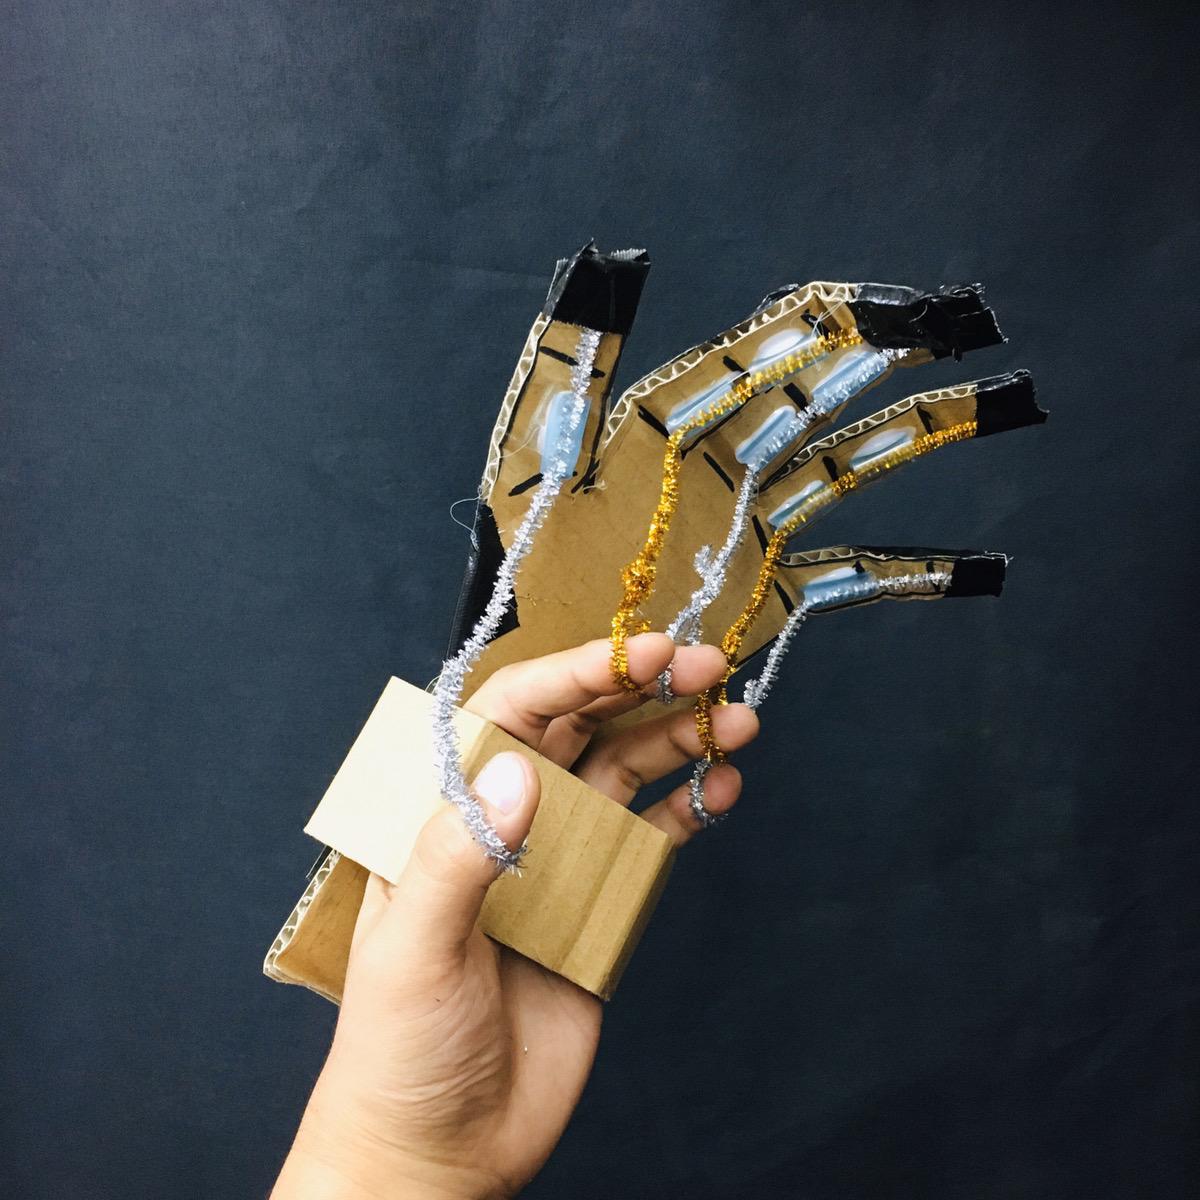 【ロボットアームをつくる!】指の動きに合わせて動く人口の手 科学工作